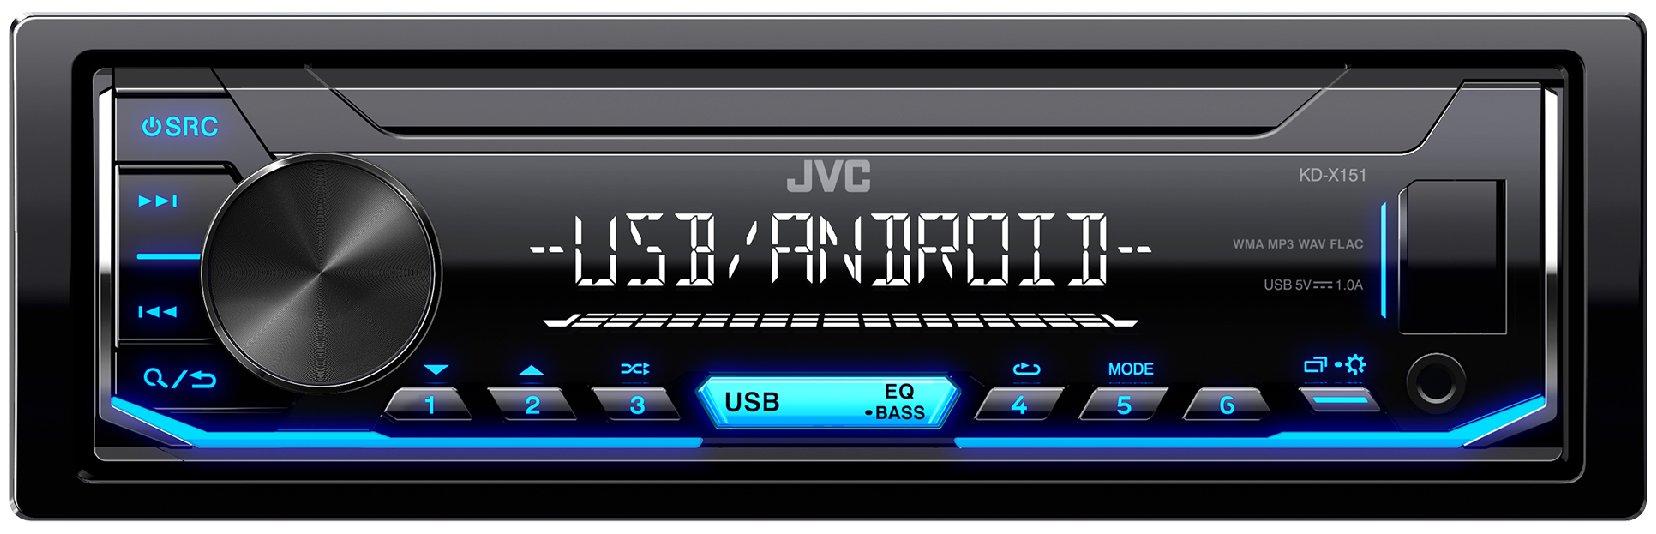 JVC-KD-X151-Digital-Media-Receiver